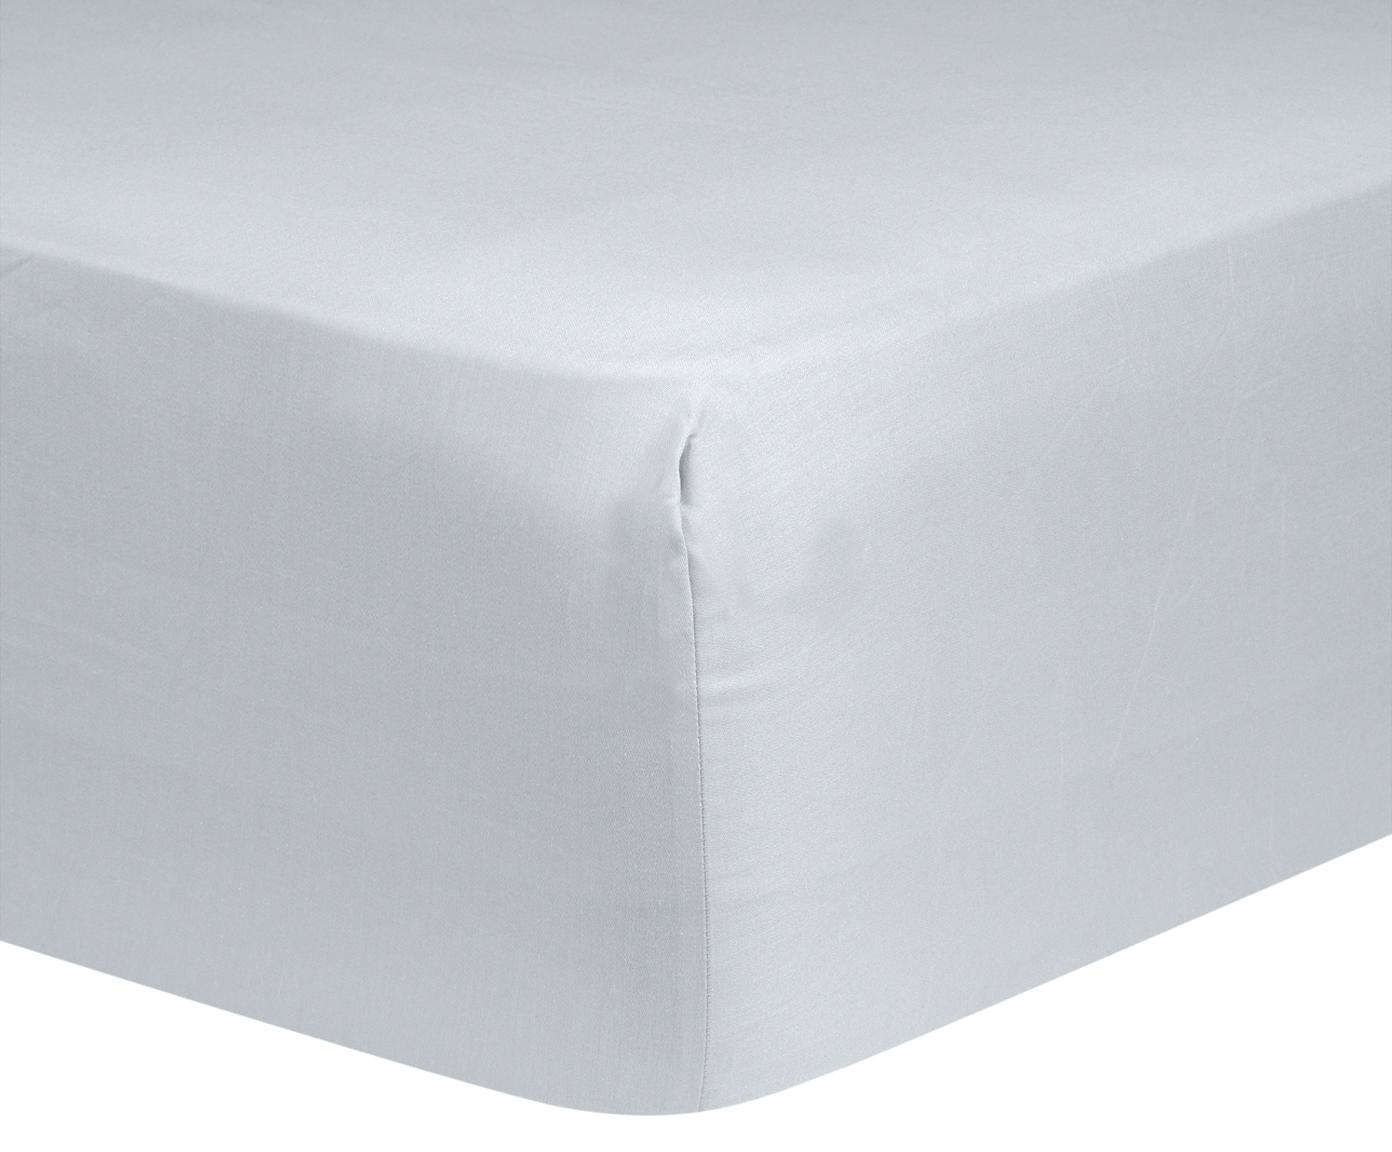 Prześcieradło z gumką na łóżko kontynentalne z satyny bawełnianej Comfort, Jasny szary, S 180 x D 200 cm